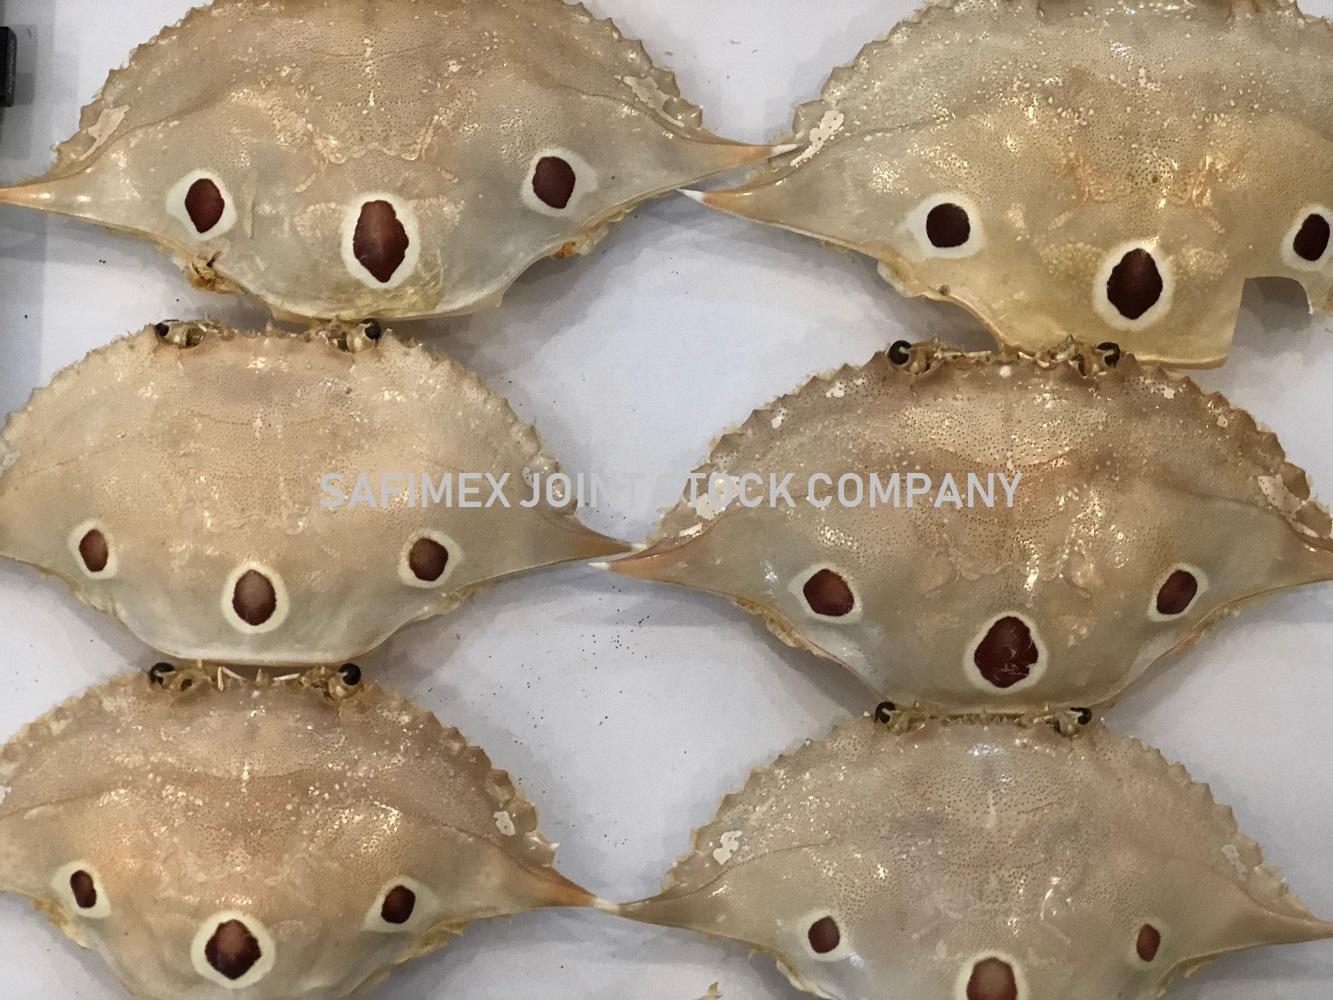 Crab Shell SAFIMEX